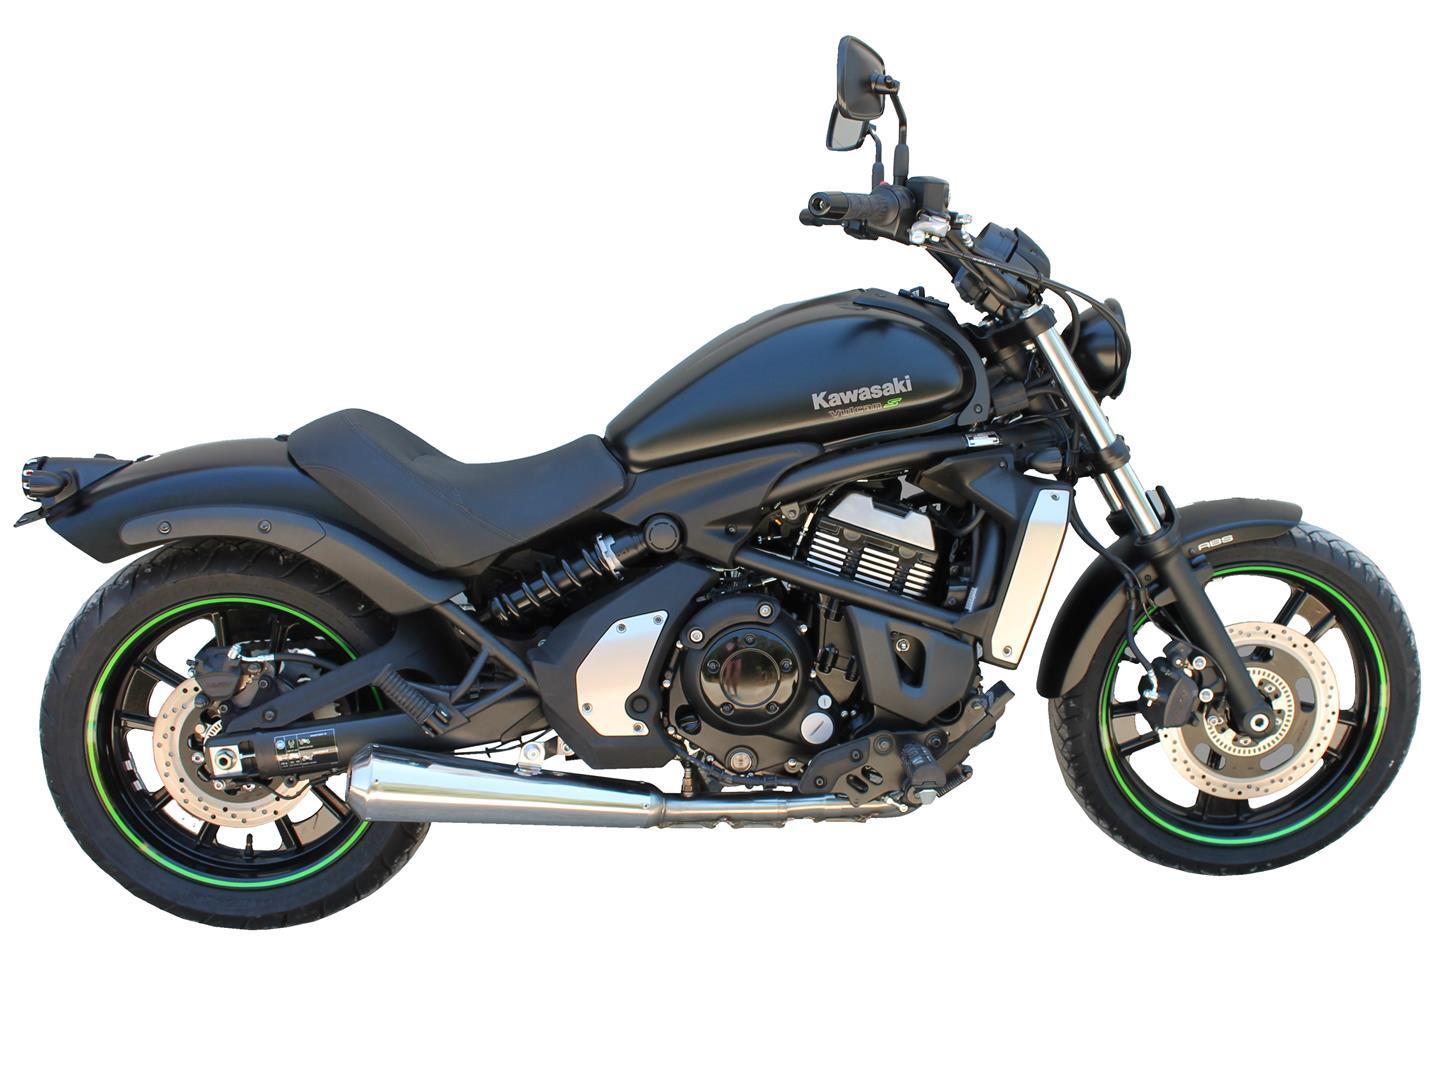 vulcan 650 the online motor shop for all bike lovers. Black Bedroom Furniture Sets. Home Design Ideas